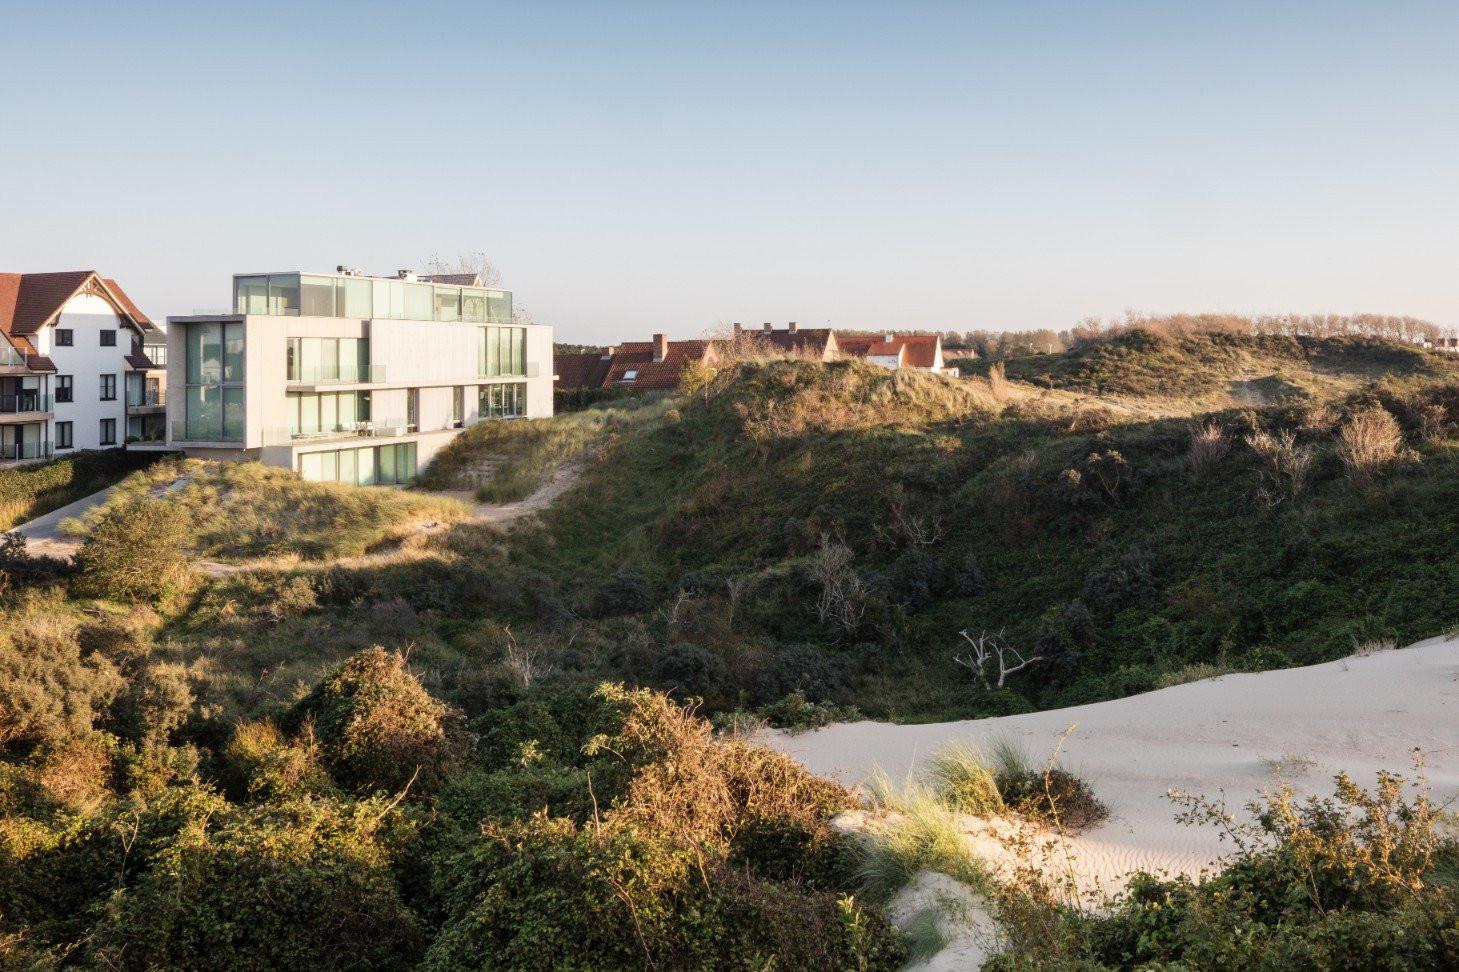 Rietveldprojects-saarinen-appartement-design-architectuur-kust-tvdv17_1459x0